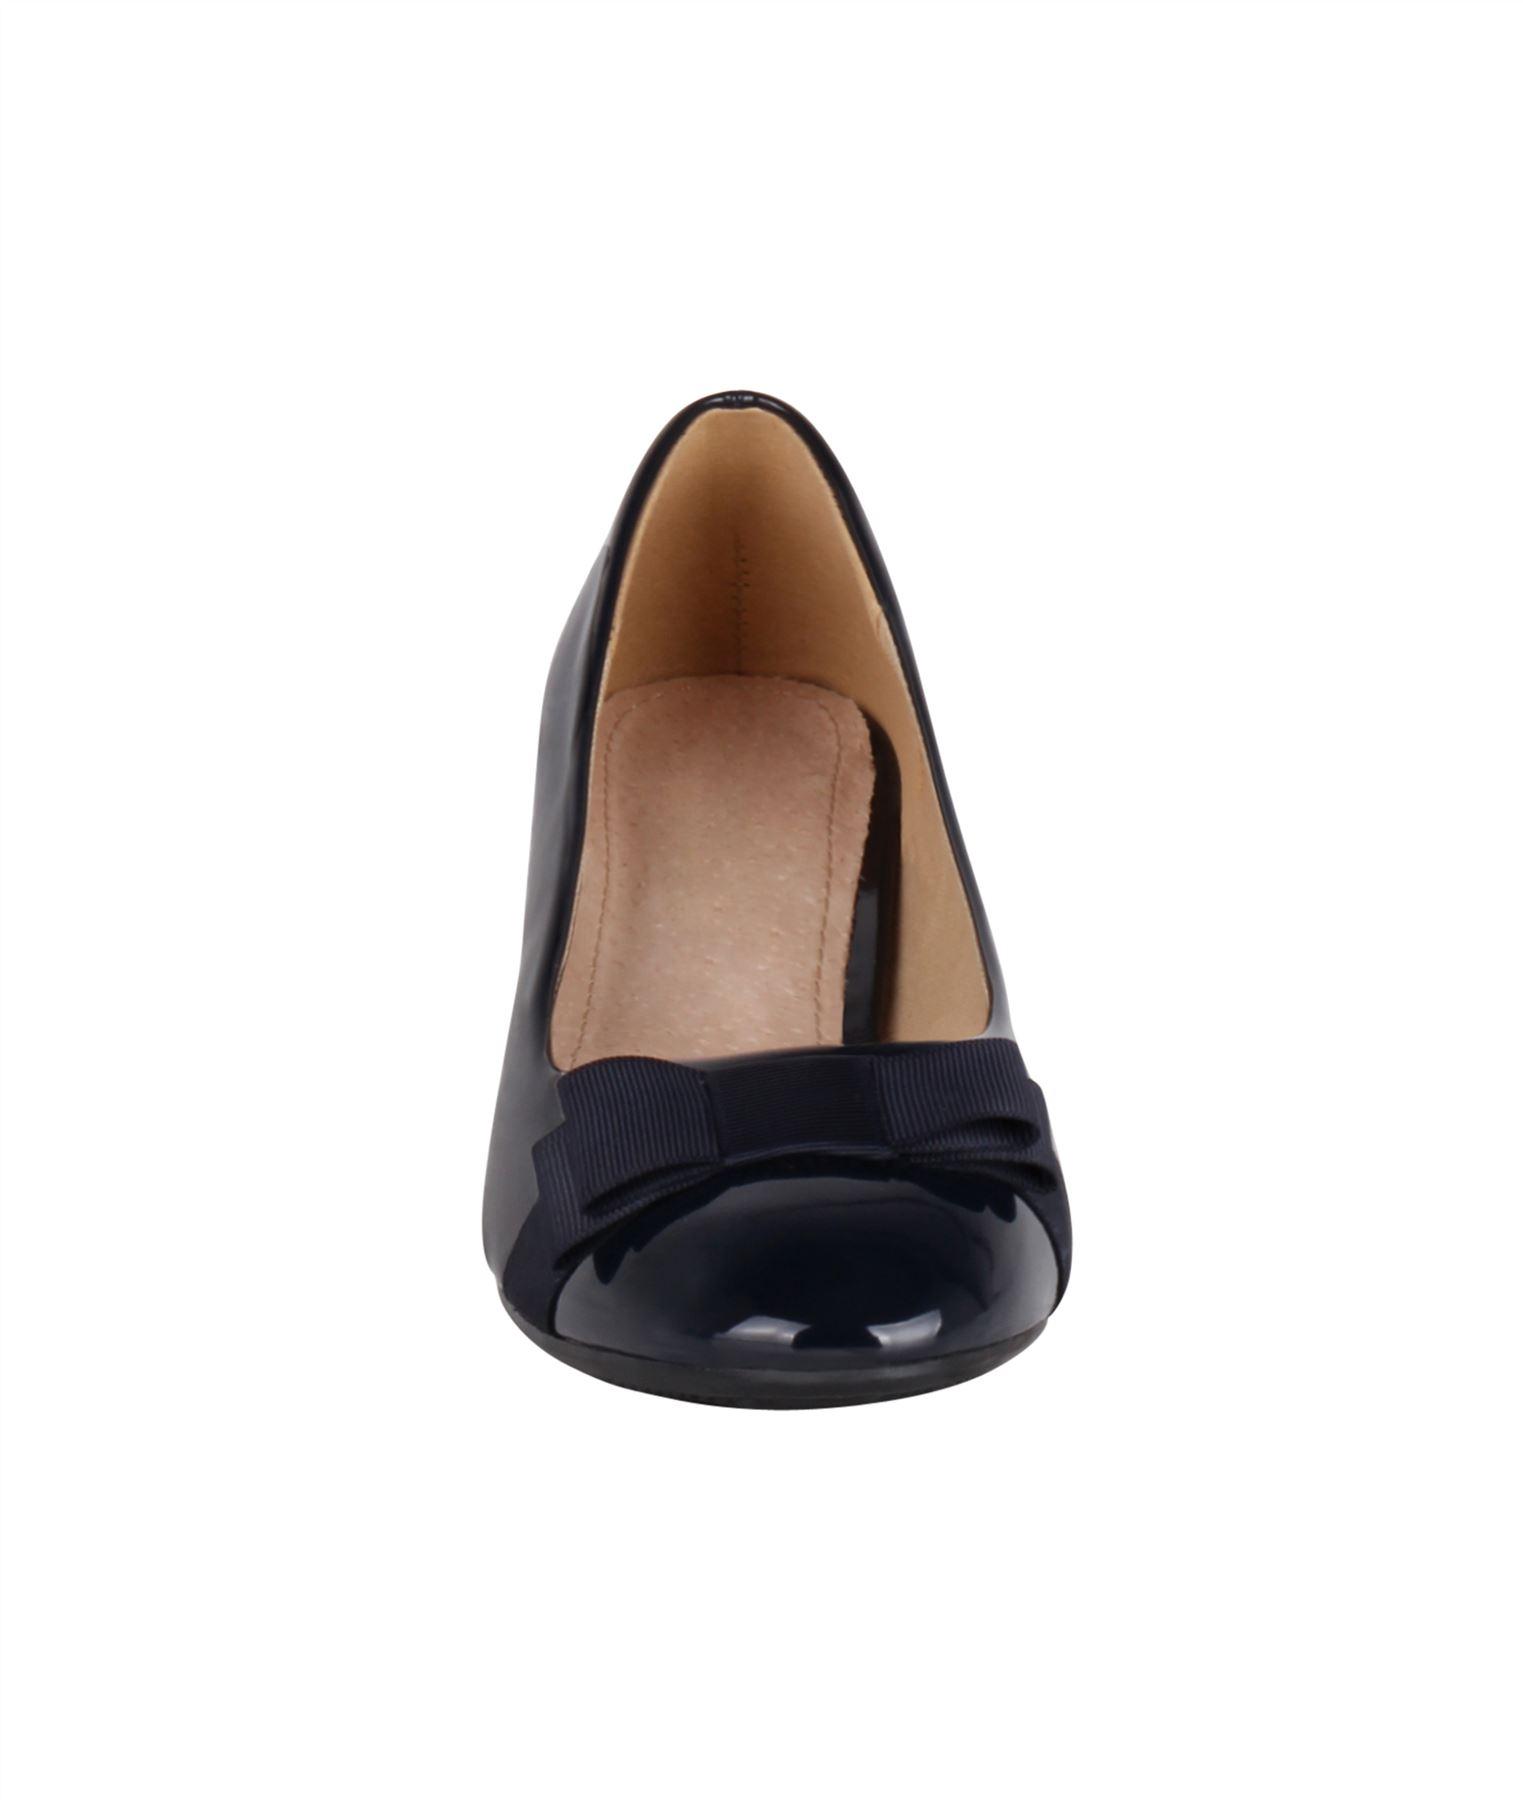 Damen-Elegante-Absatzschuhe-Hochlganz-Pumps-Blockabsatz-Ballerina-Schuhe-Chic Indexbild 19